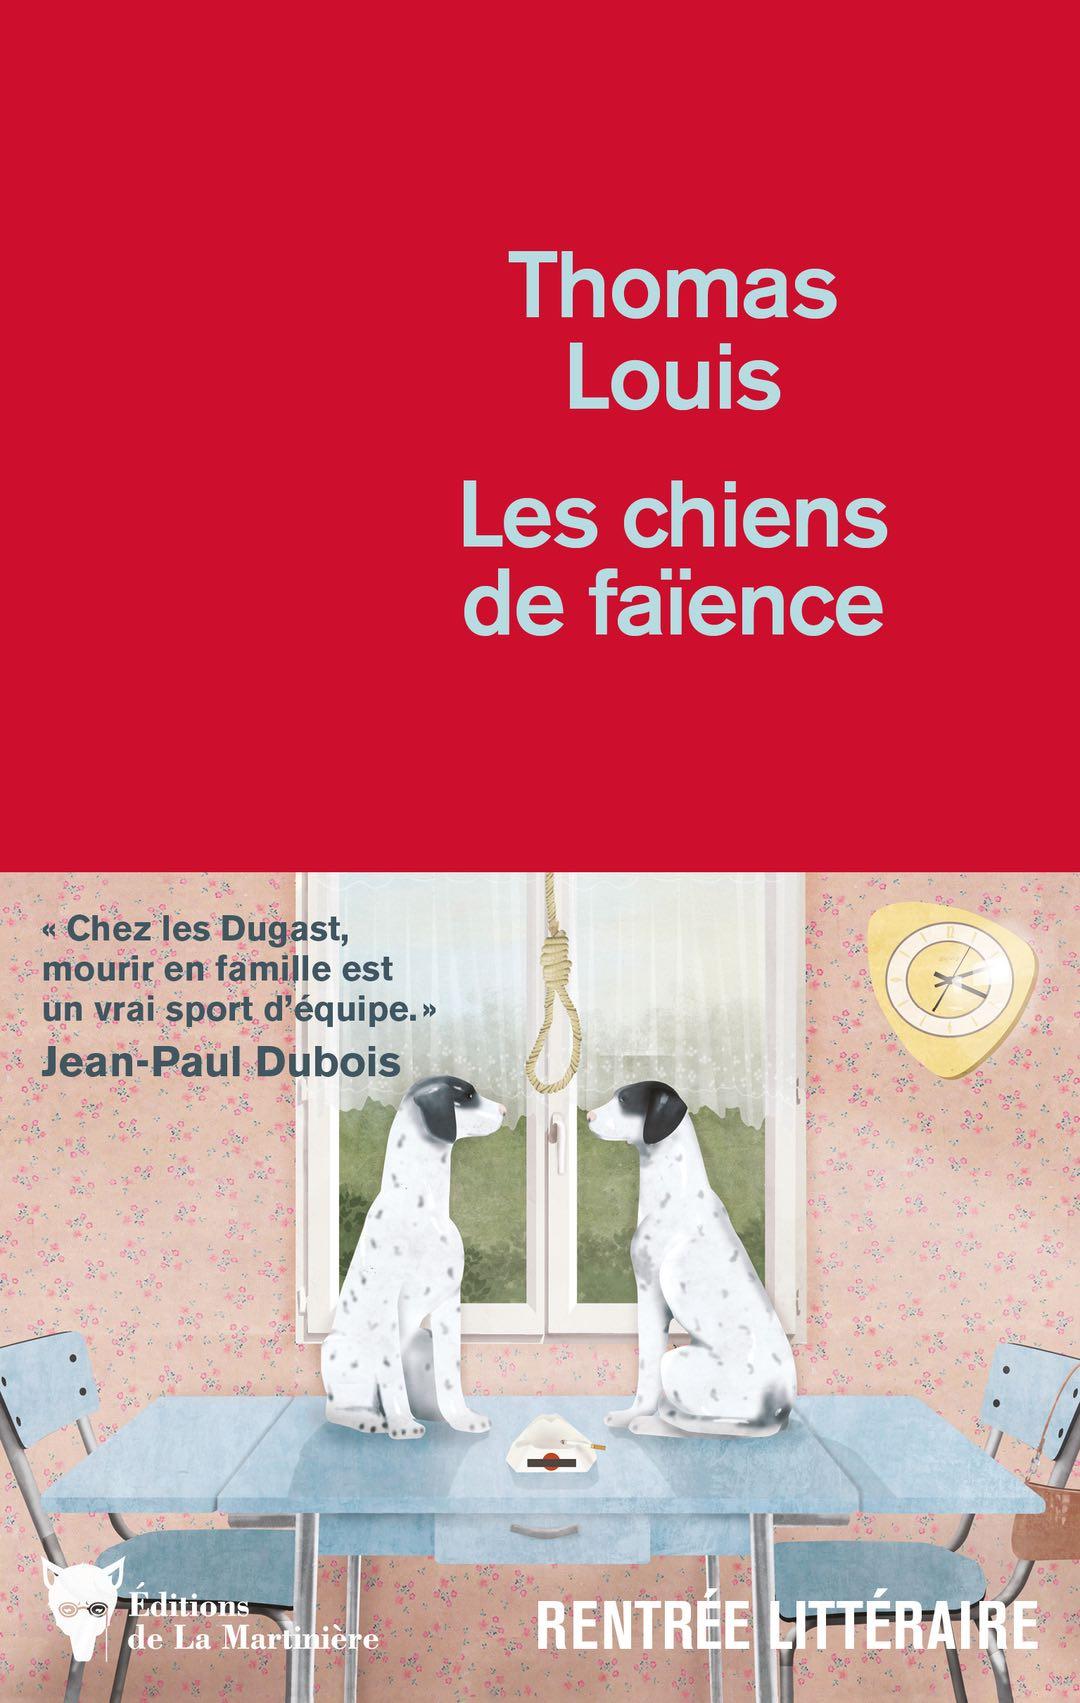 couverture du livre de thomas louis